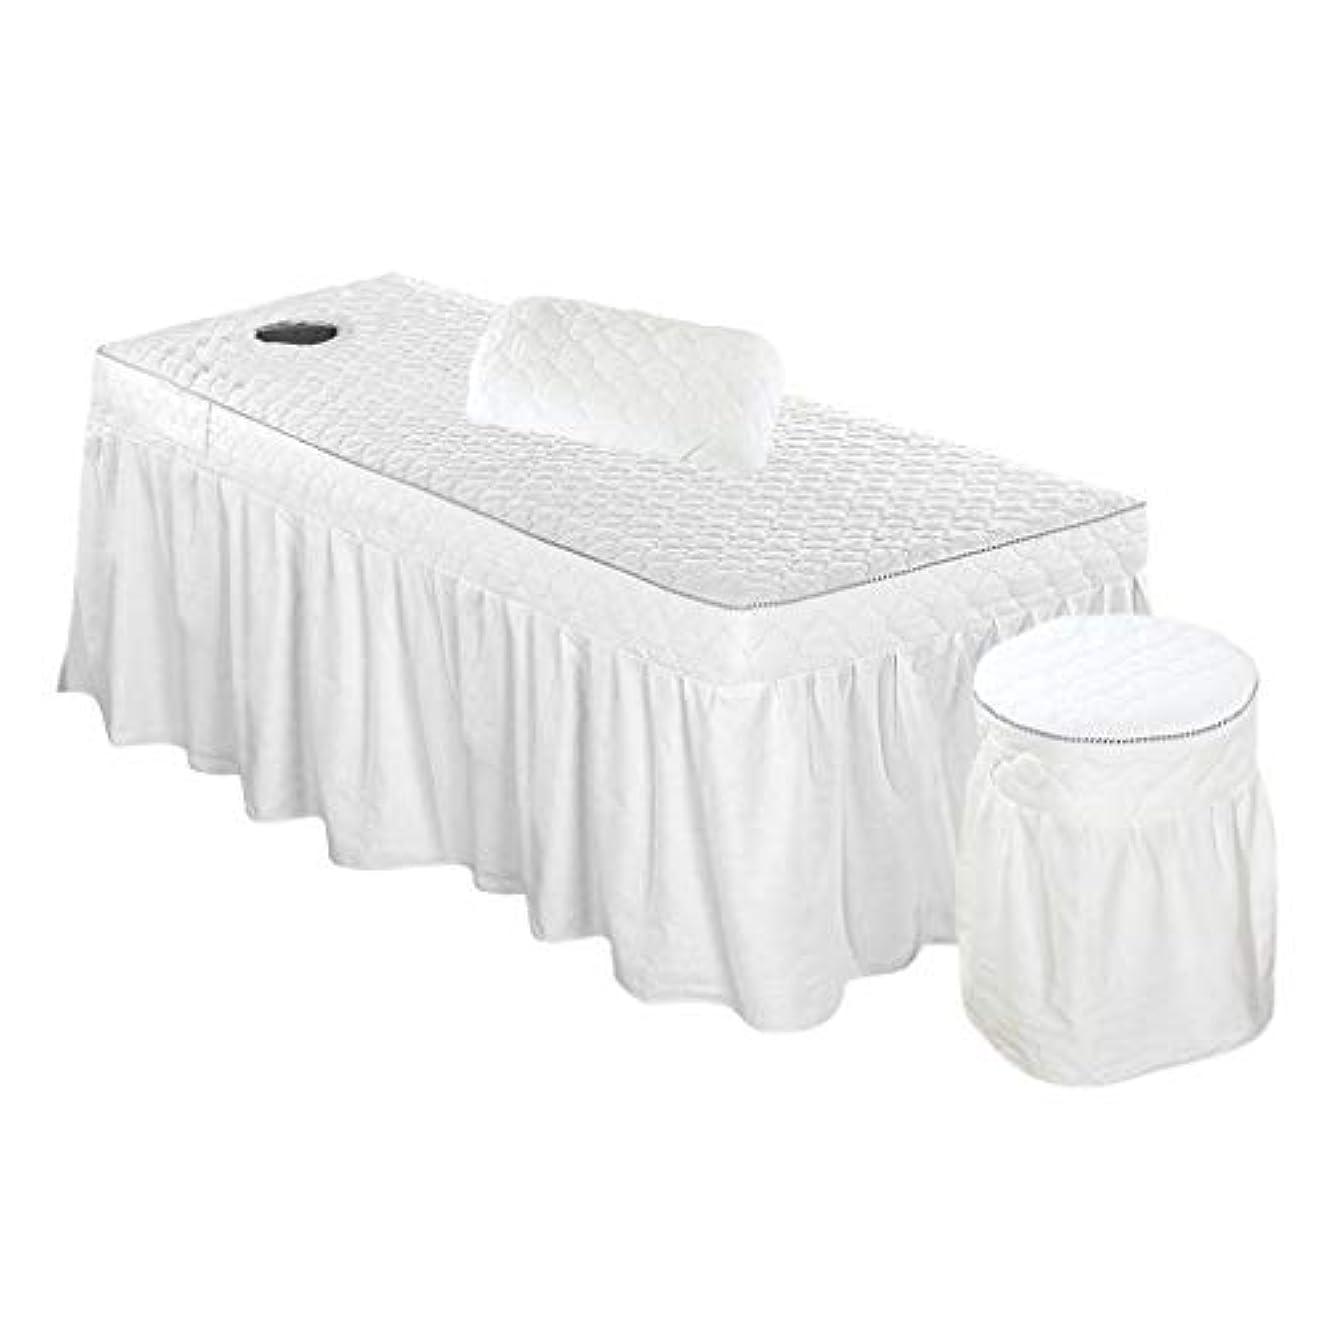 民兵心配極端なマッサージ化粧品テーブルシートカバー椅子カバー枕ケース - ホワイト